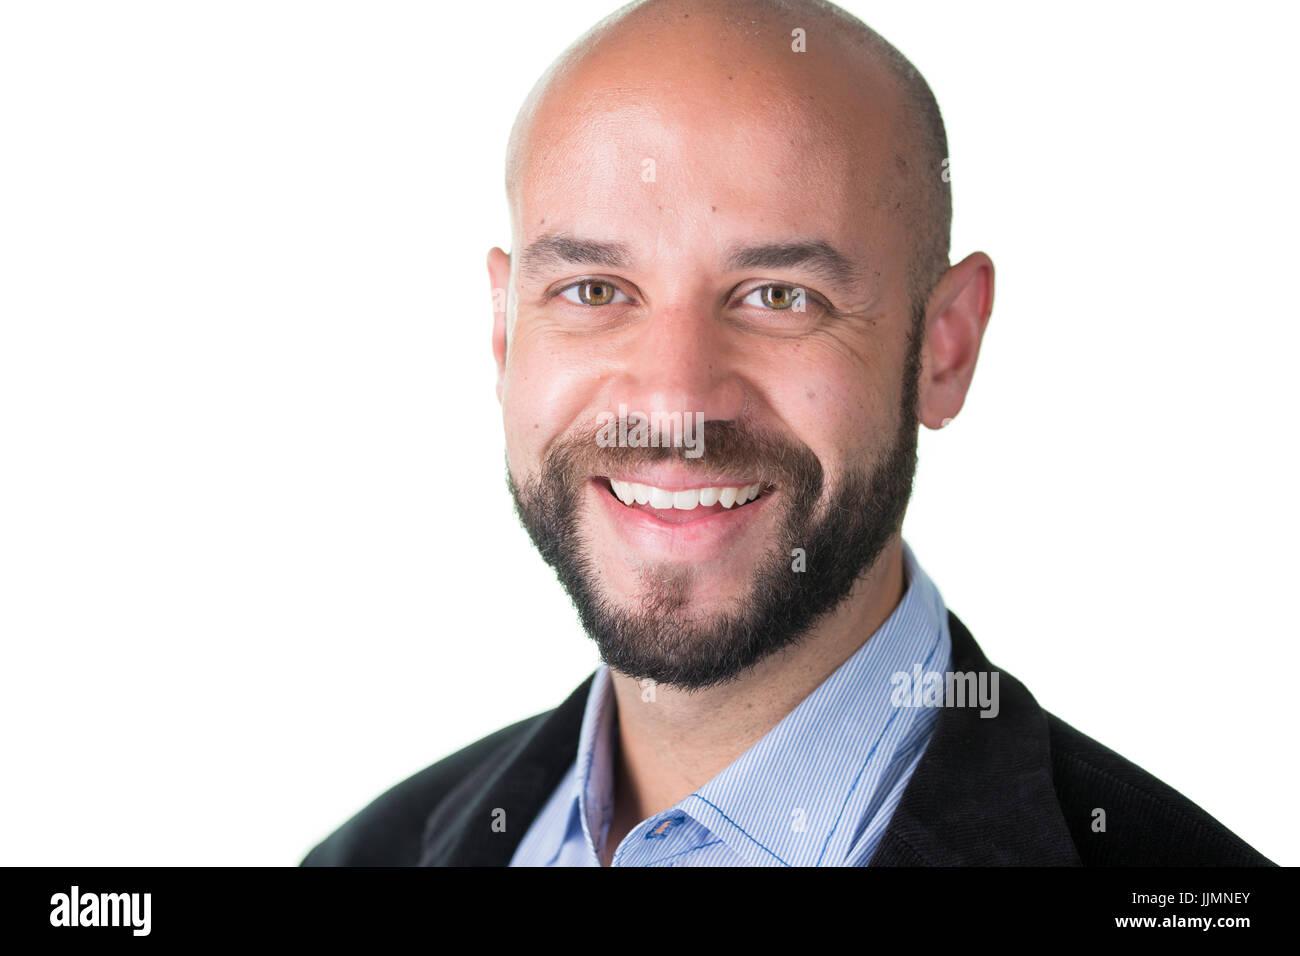 Closeup retrato, hombre profesional con perilla barba en dark blazer y camisa azul, fondo blanco aislado Imagen De Stock